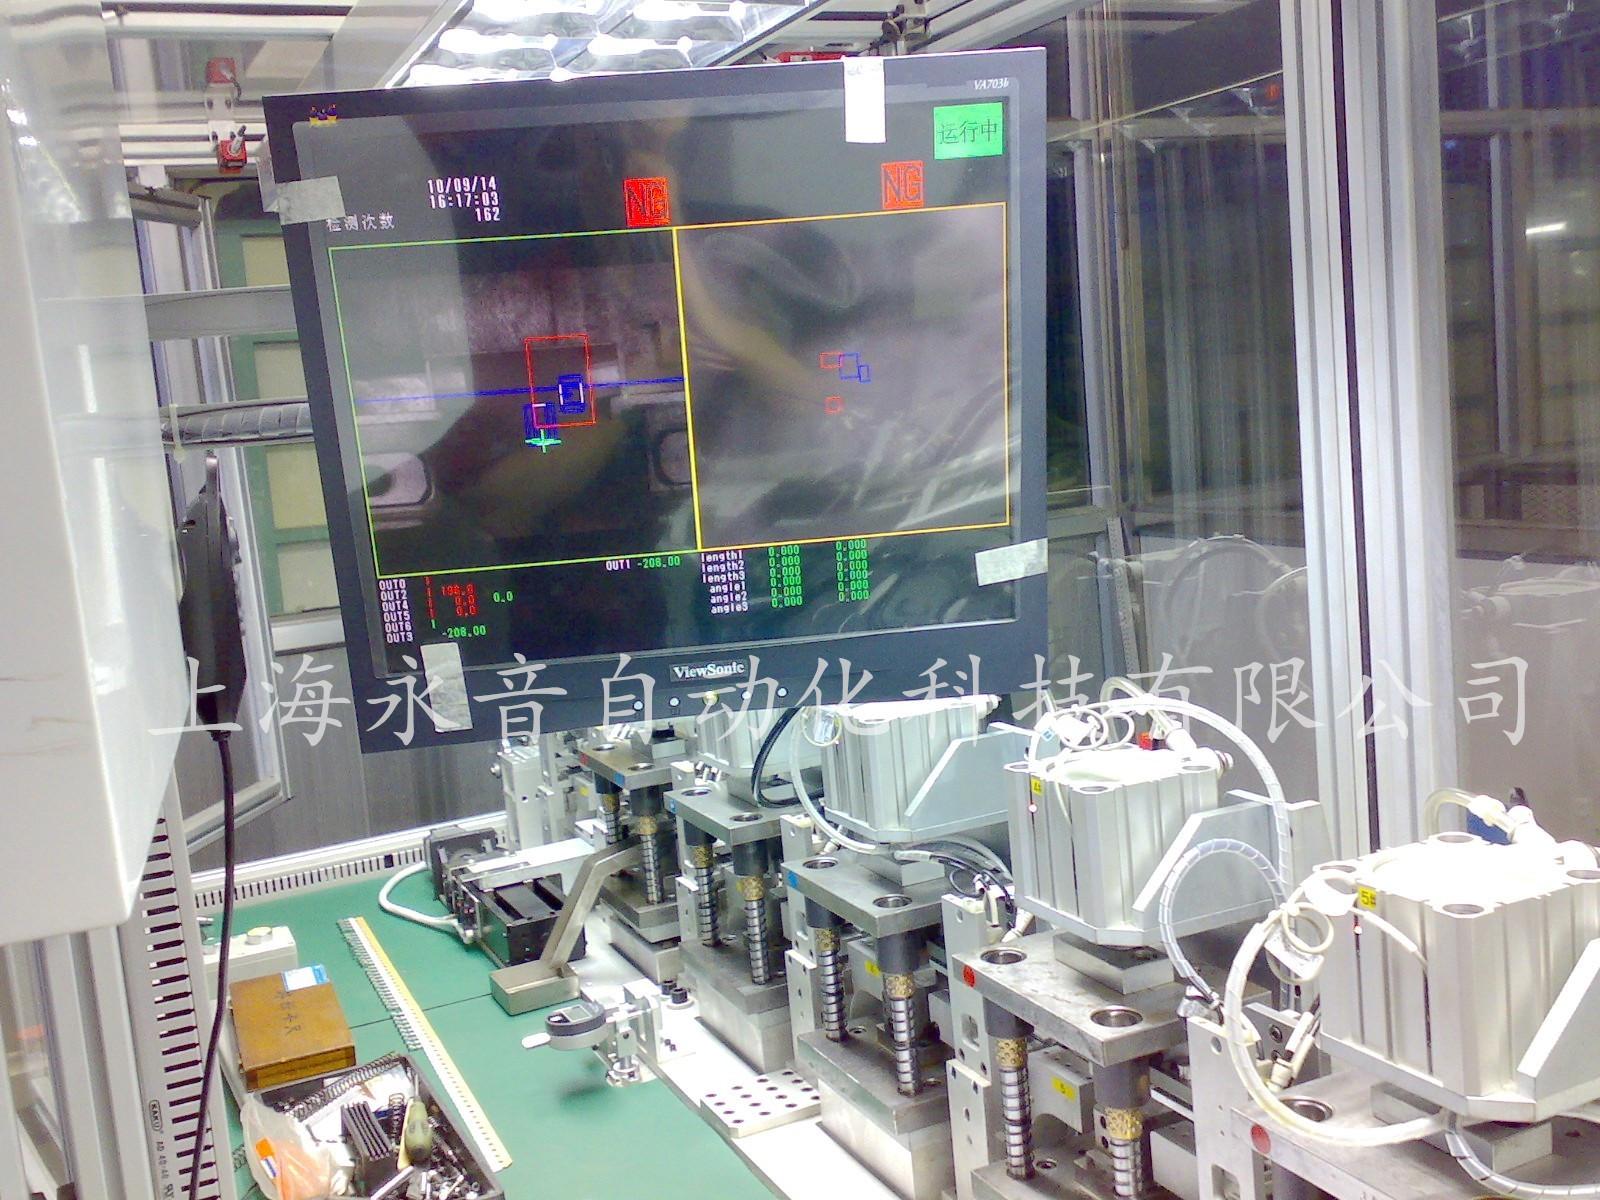 冲压整形+CCD视觉检测自动设备